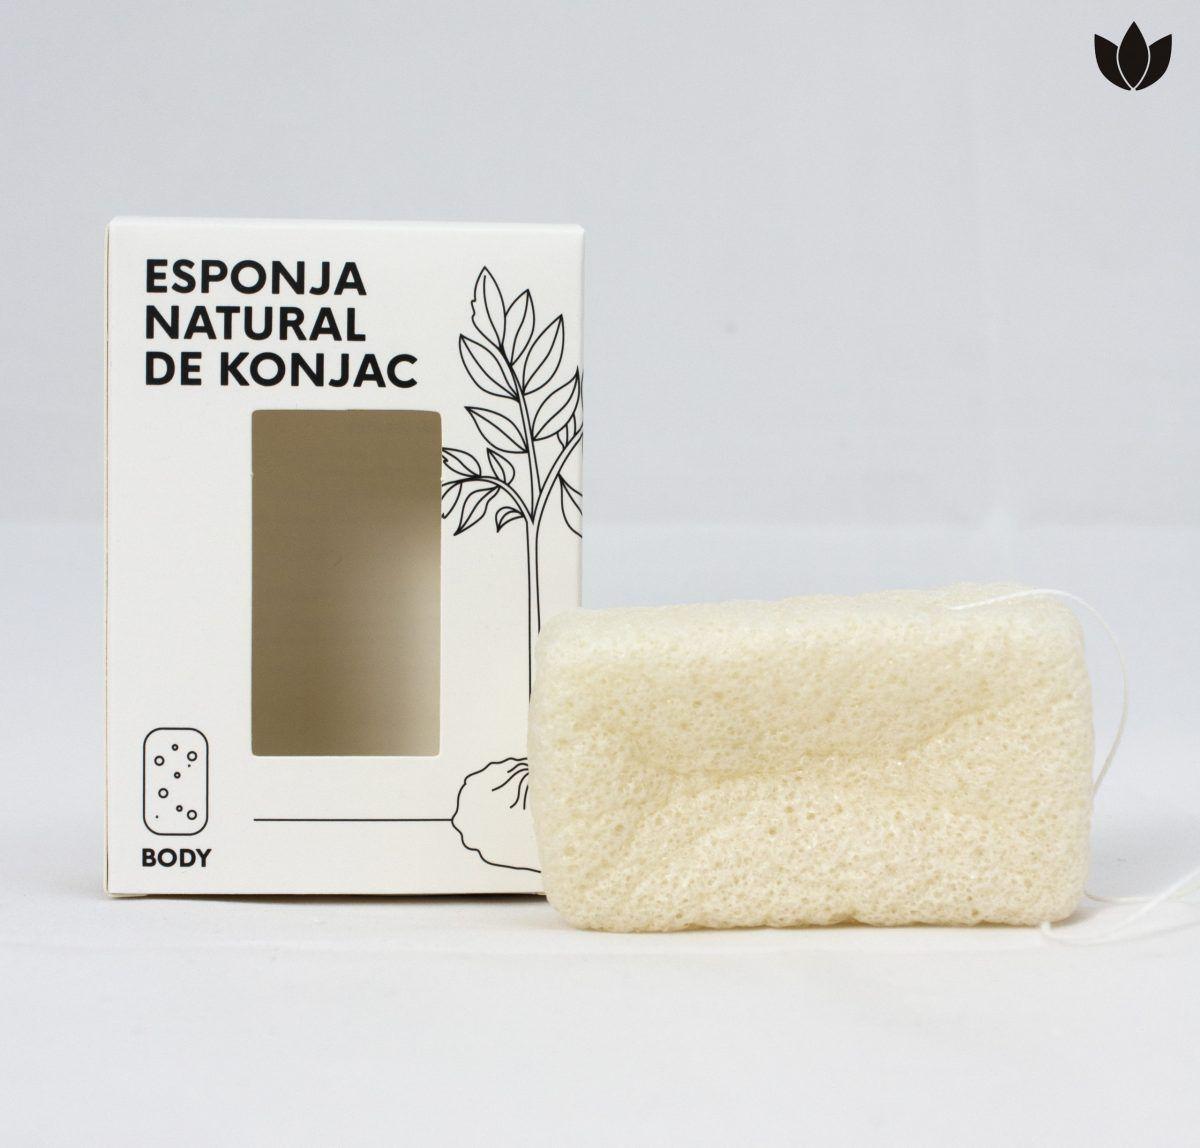 esponja natural de konjac